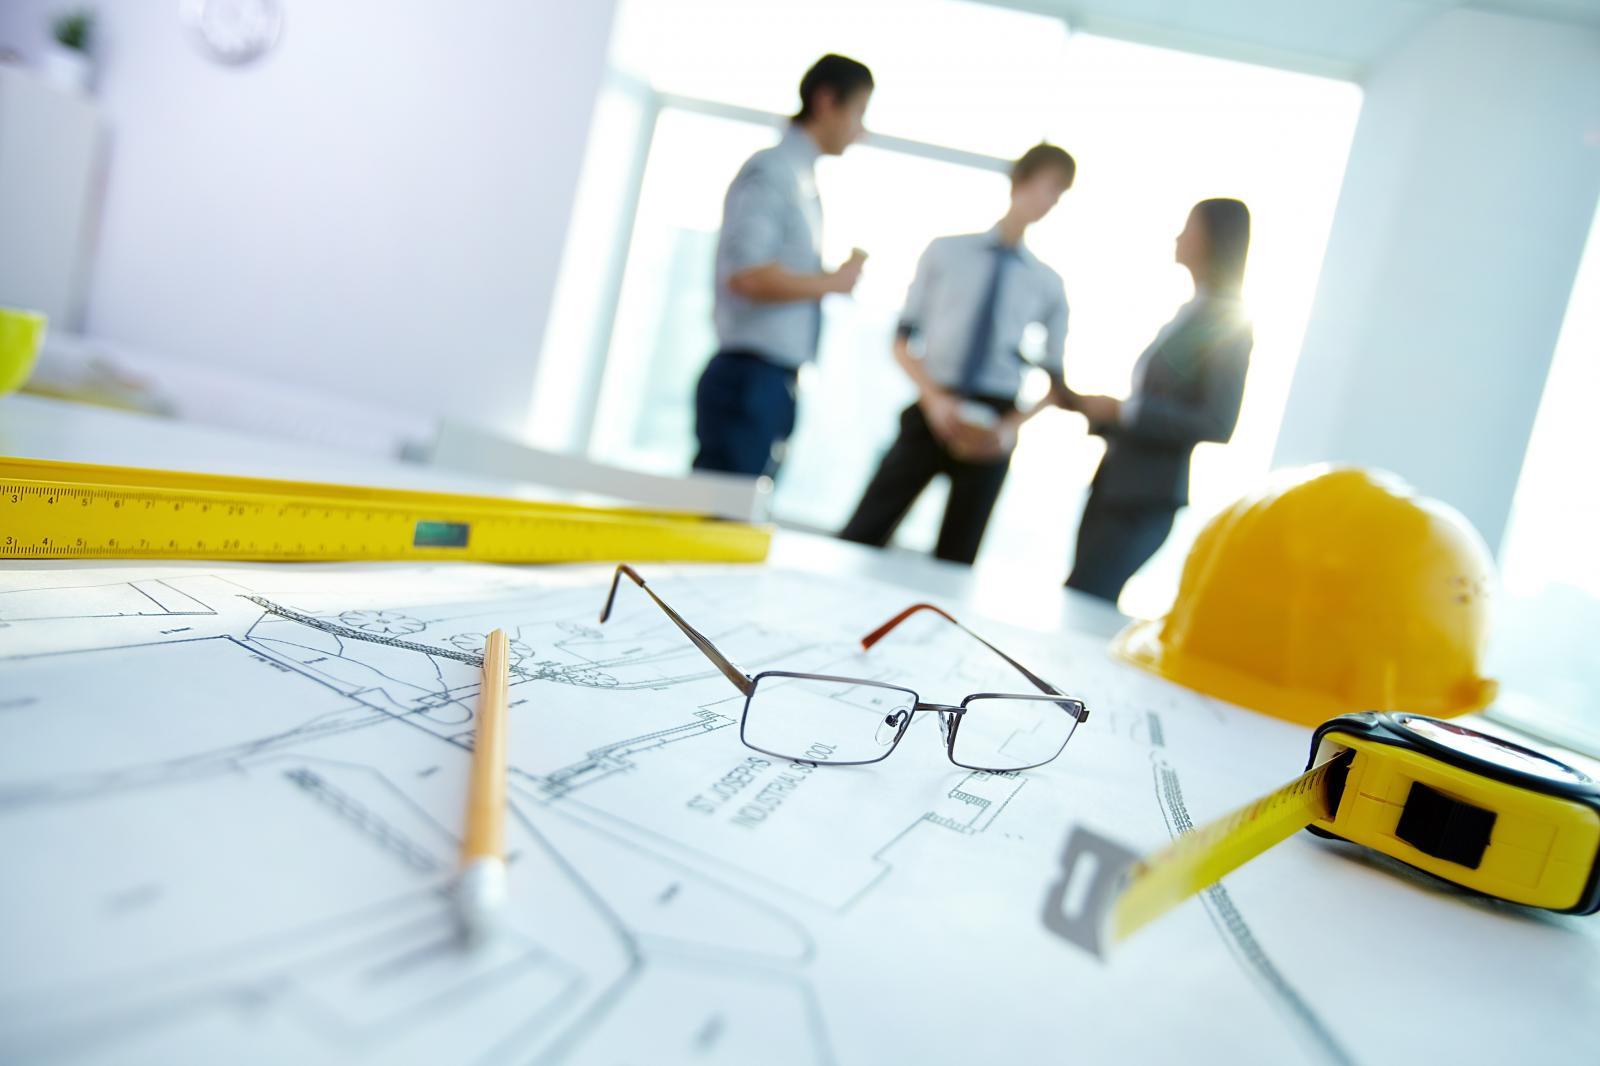 Chọn ngay dịch vụ sơn sửa nhà quận 12 tại VIXCONS để tránh gặp khó trong quá trình tân trang nhà ở